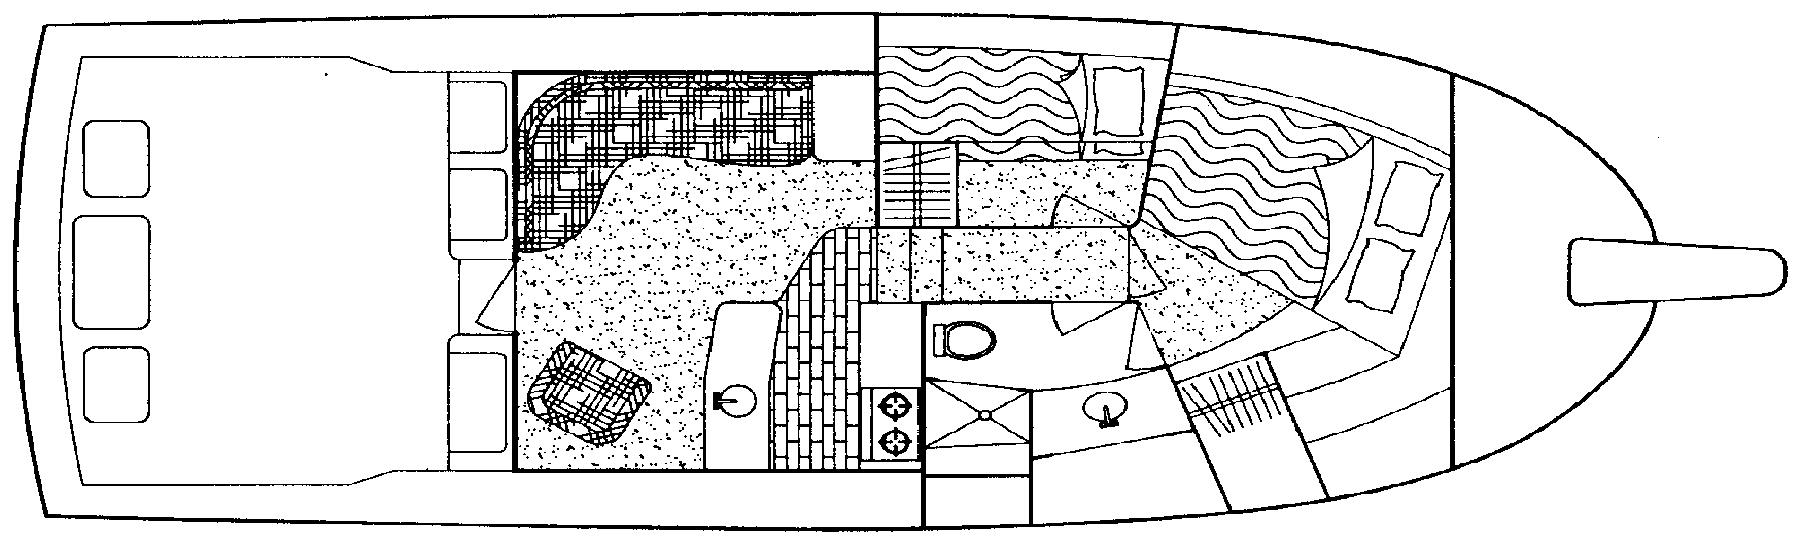 36-38 Convertible Floor Plan 2